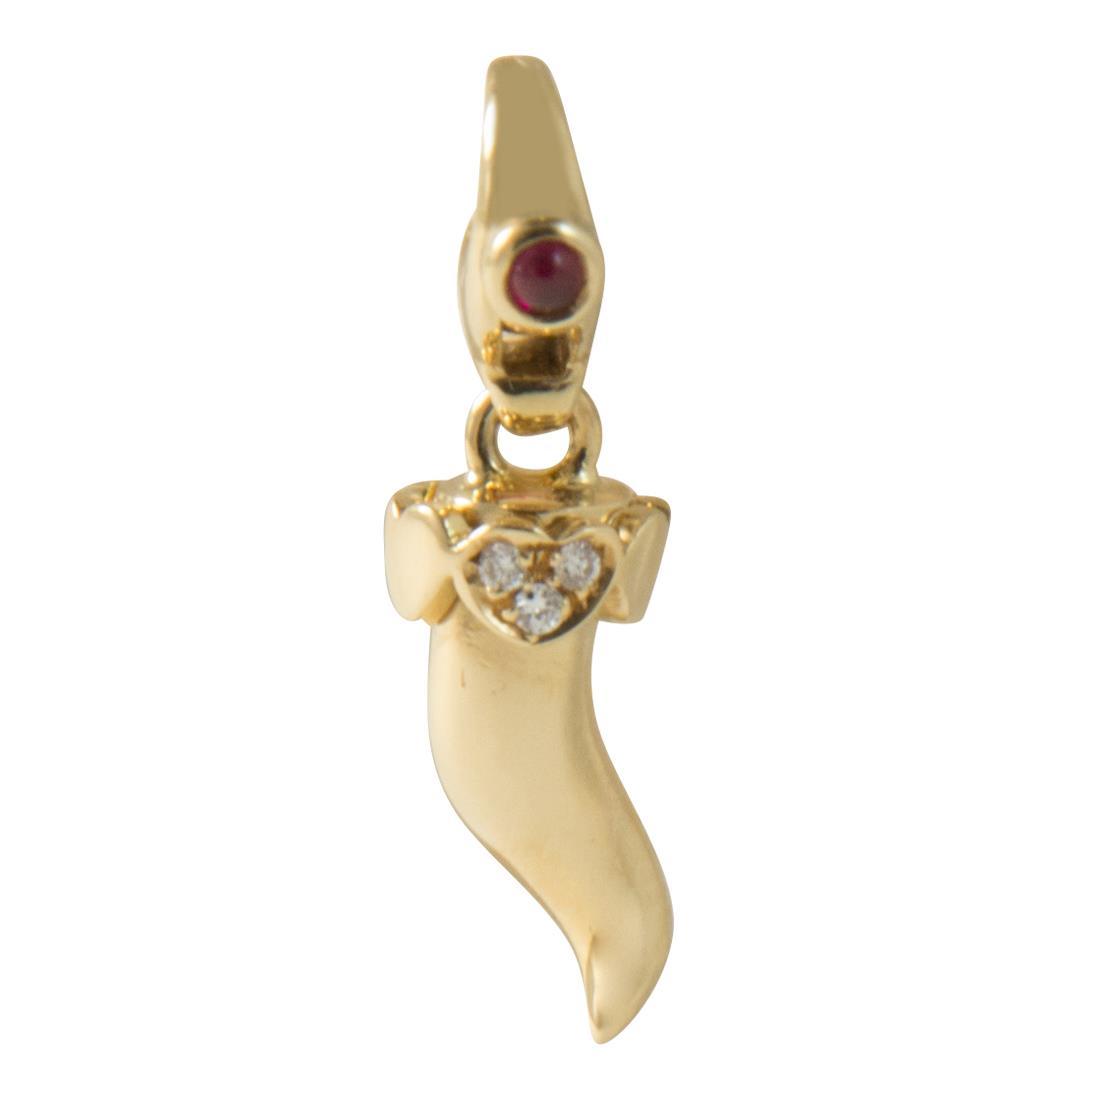 Ciondolo corno charm in oro giallo con diamanti ct 0.02 e rubini 0.06 - PASQUALE BRUNI